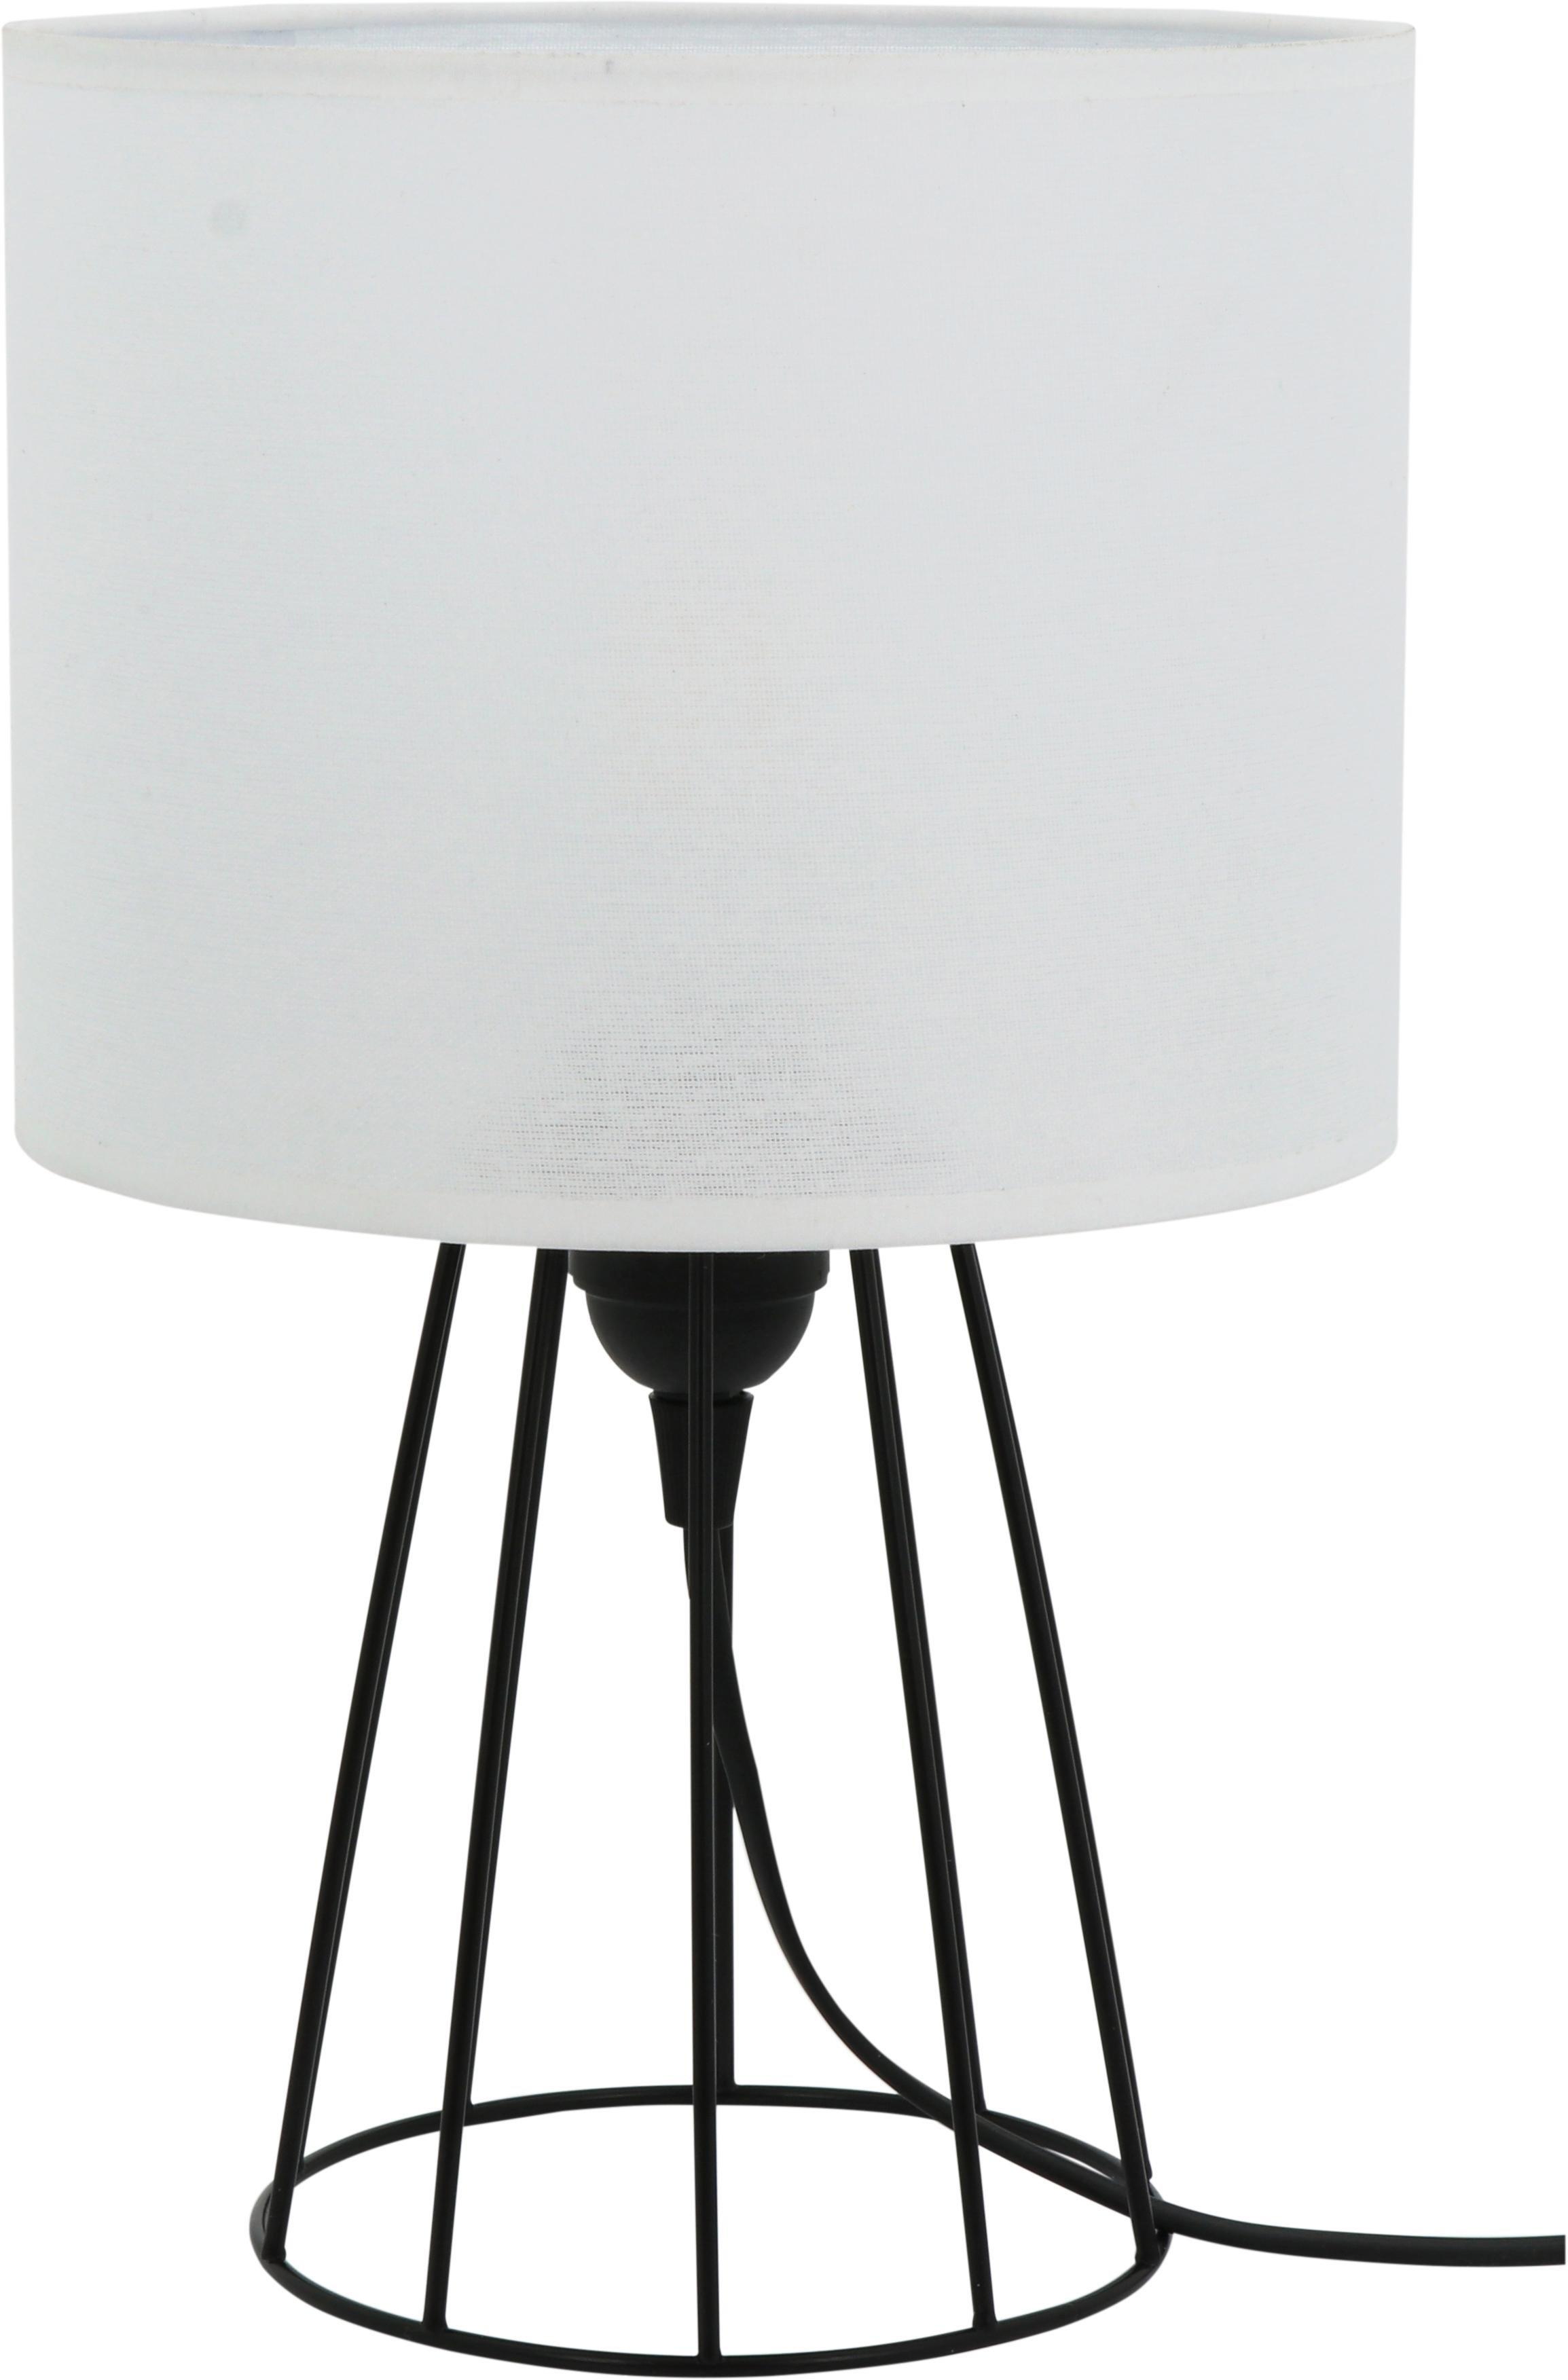 Britop Lighting tafellamp »Lucie Tischleuchte 1xE27 60W«, bestellen: 30 dagen bedenktijd